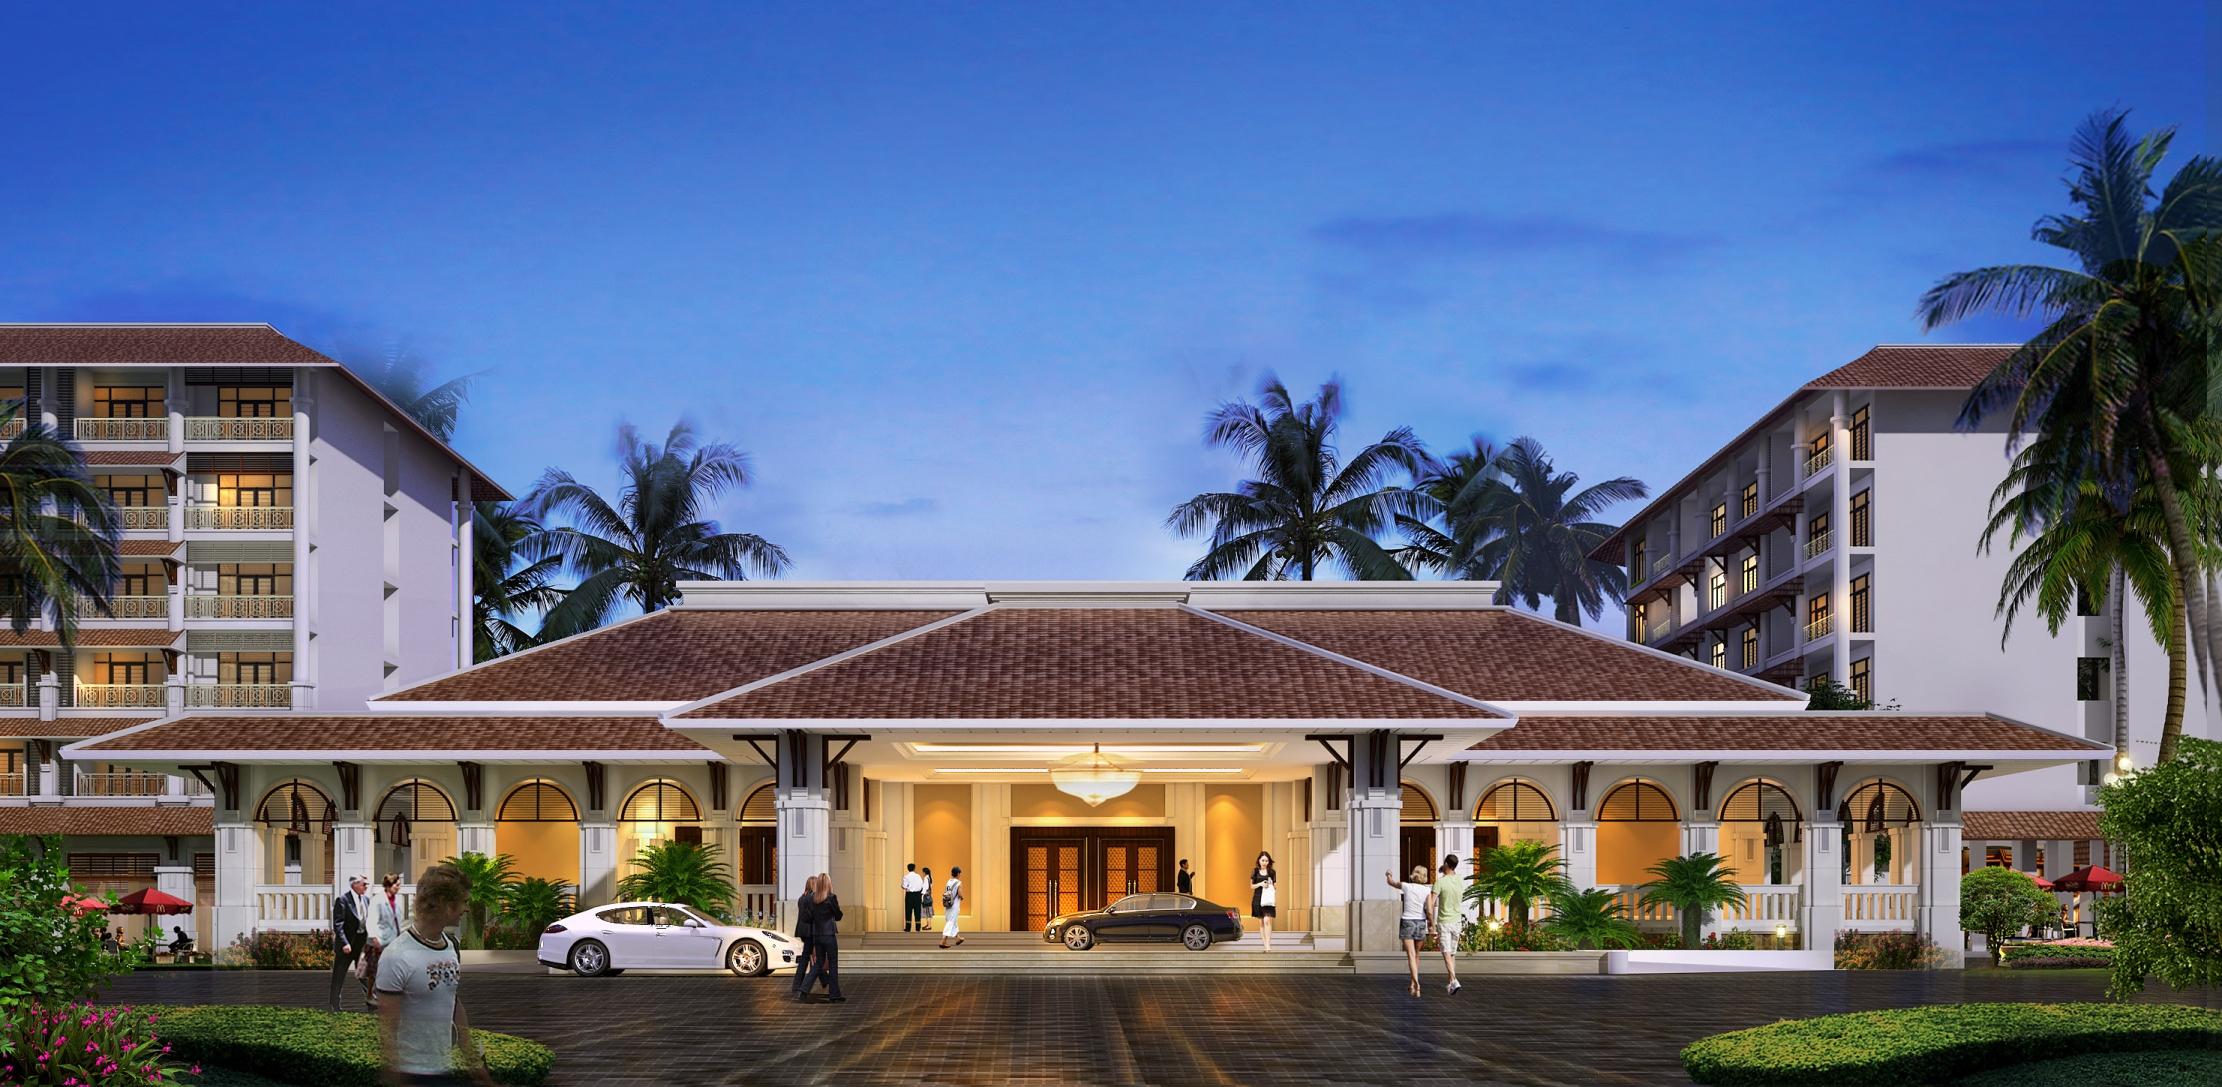 Nhà đầu tư đã sẵn sàng đón cơ hội đầu tư biệt thự biển Phú Quốc